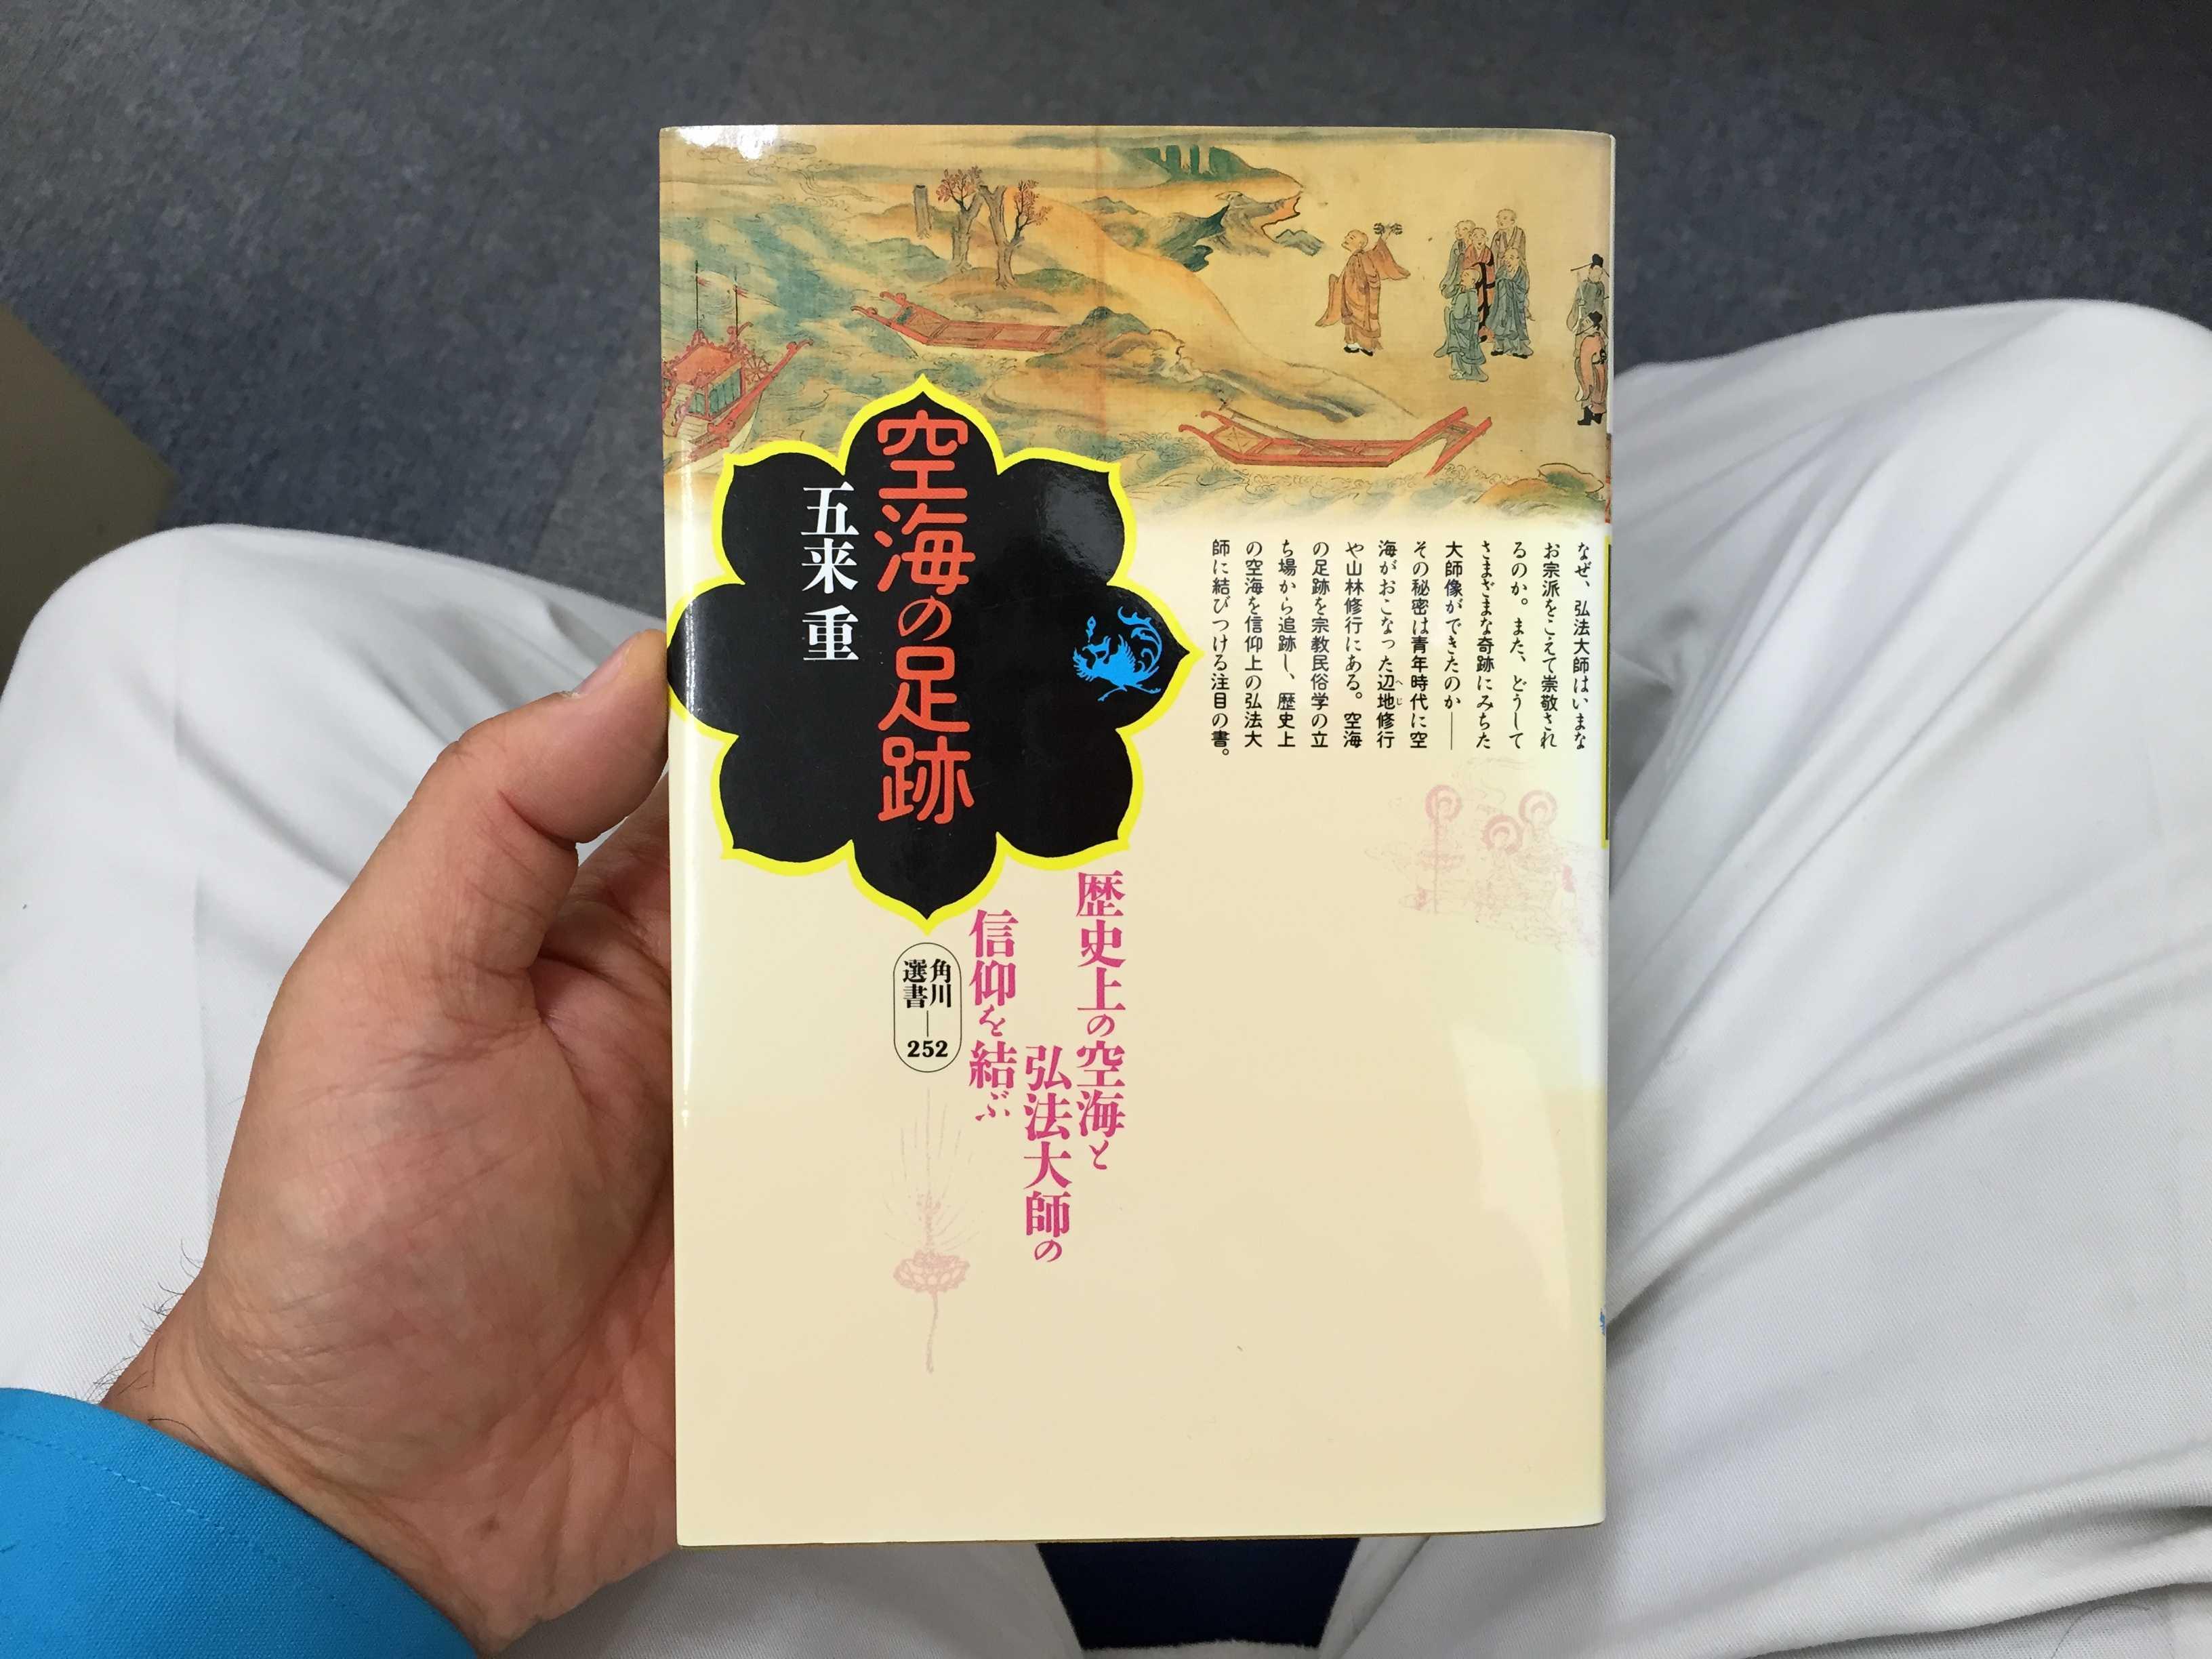 空海の足跡(五来重) - 歴史上の空海と弘法大師の信仰を結ぶ